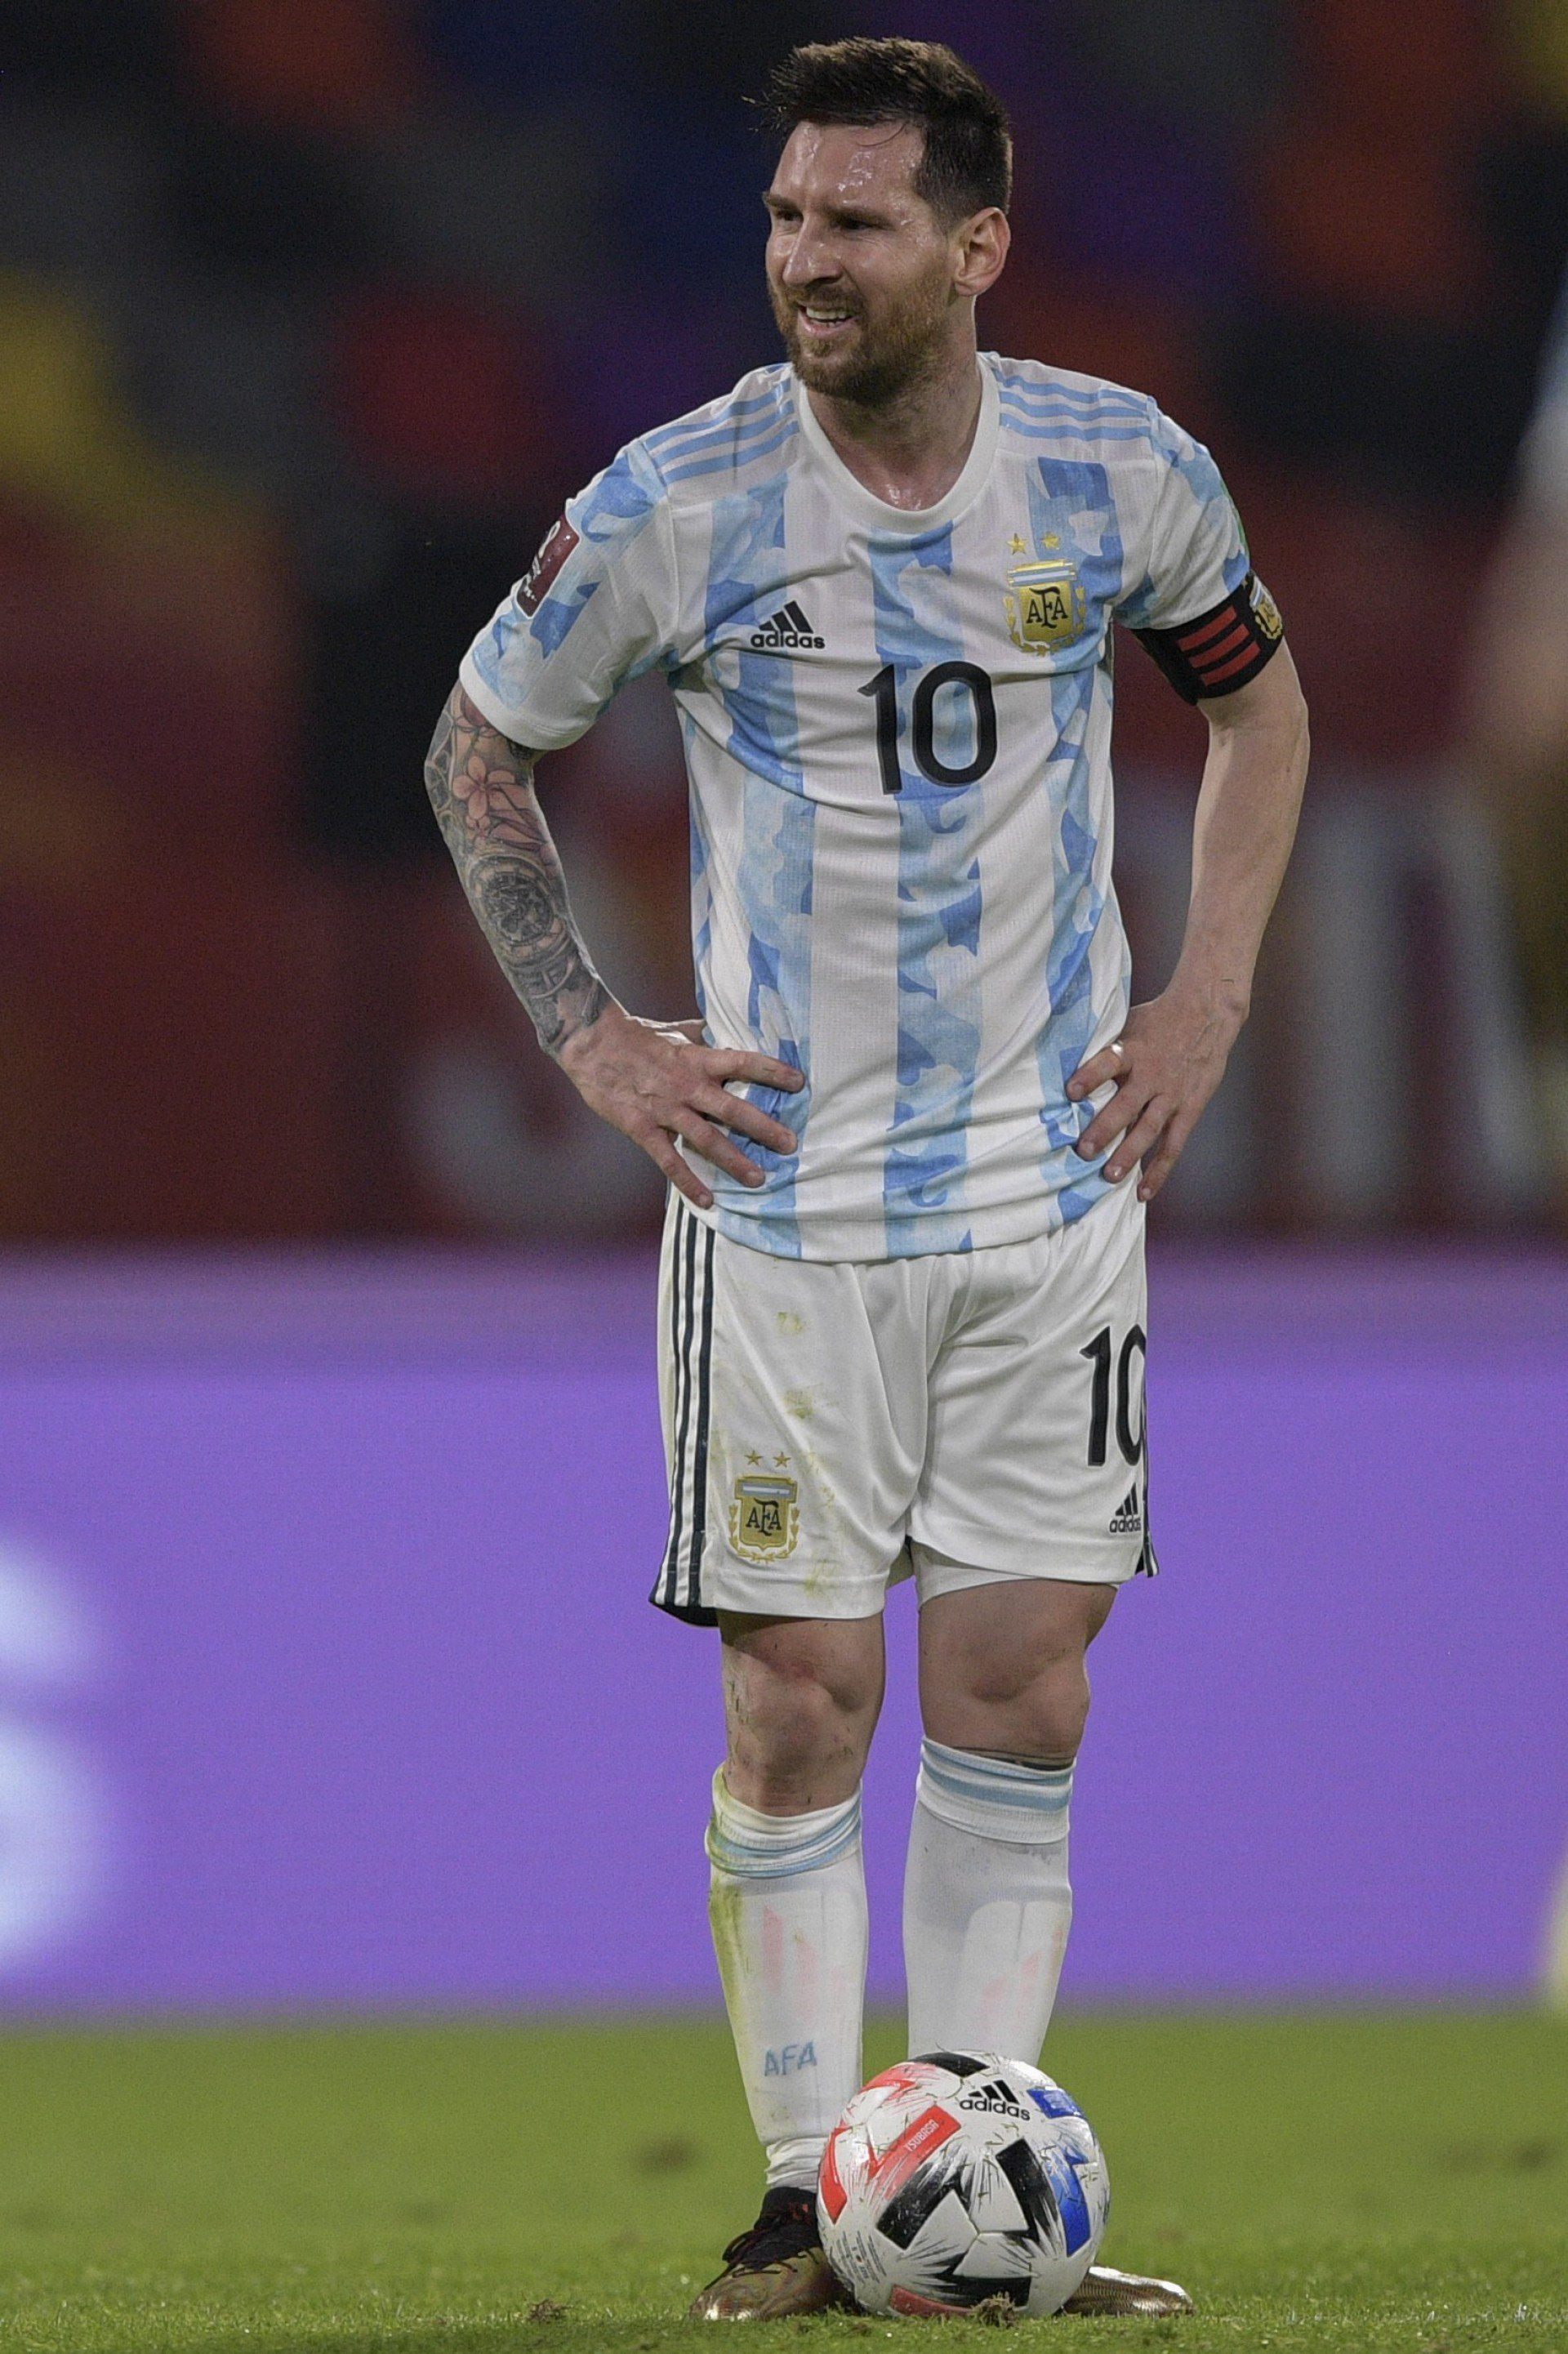 Anvisa interrompe partida na Neo Química Arena e seleção argentina deixa o gramado durante o duelo contra o Brasil